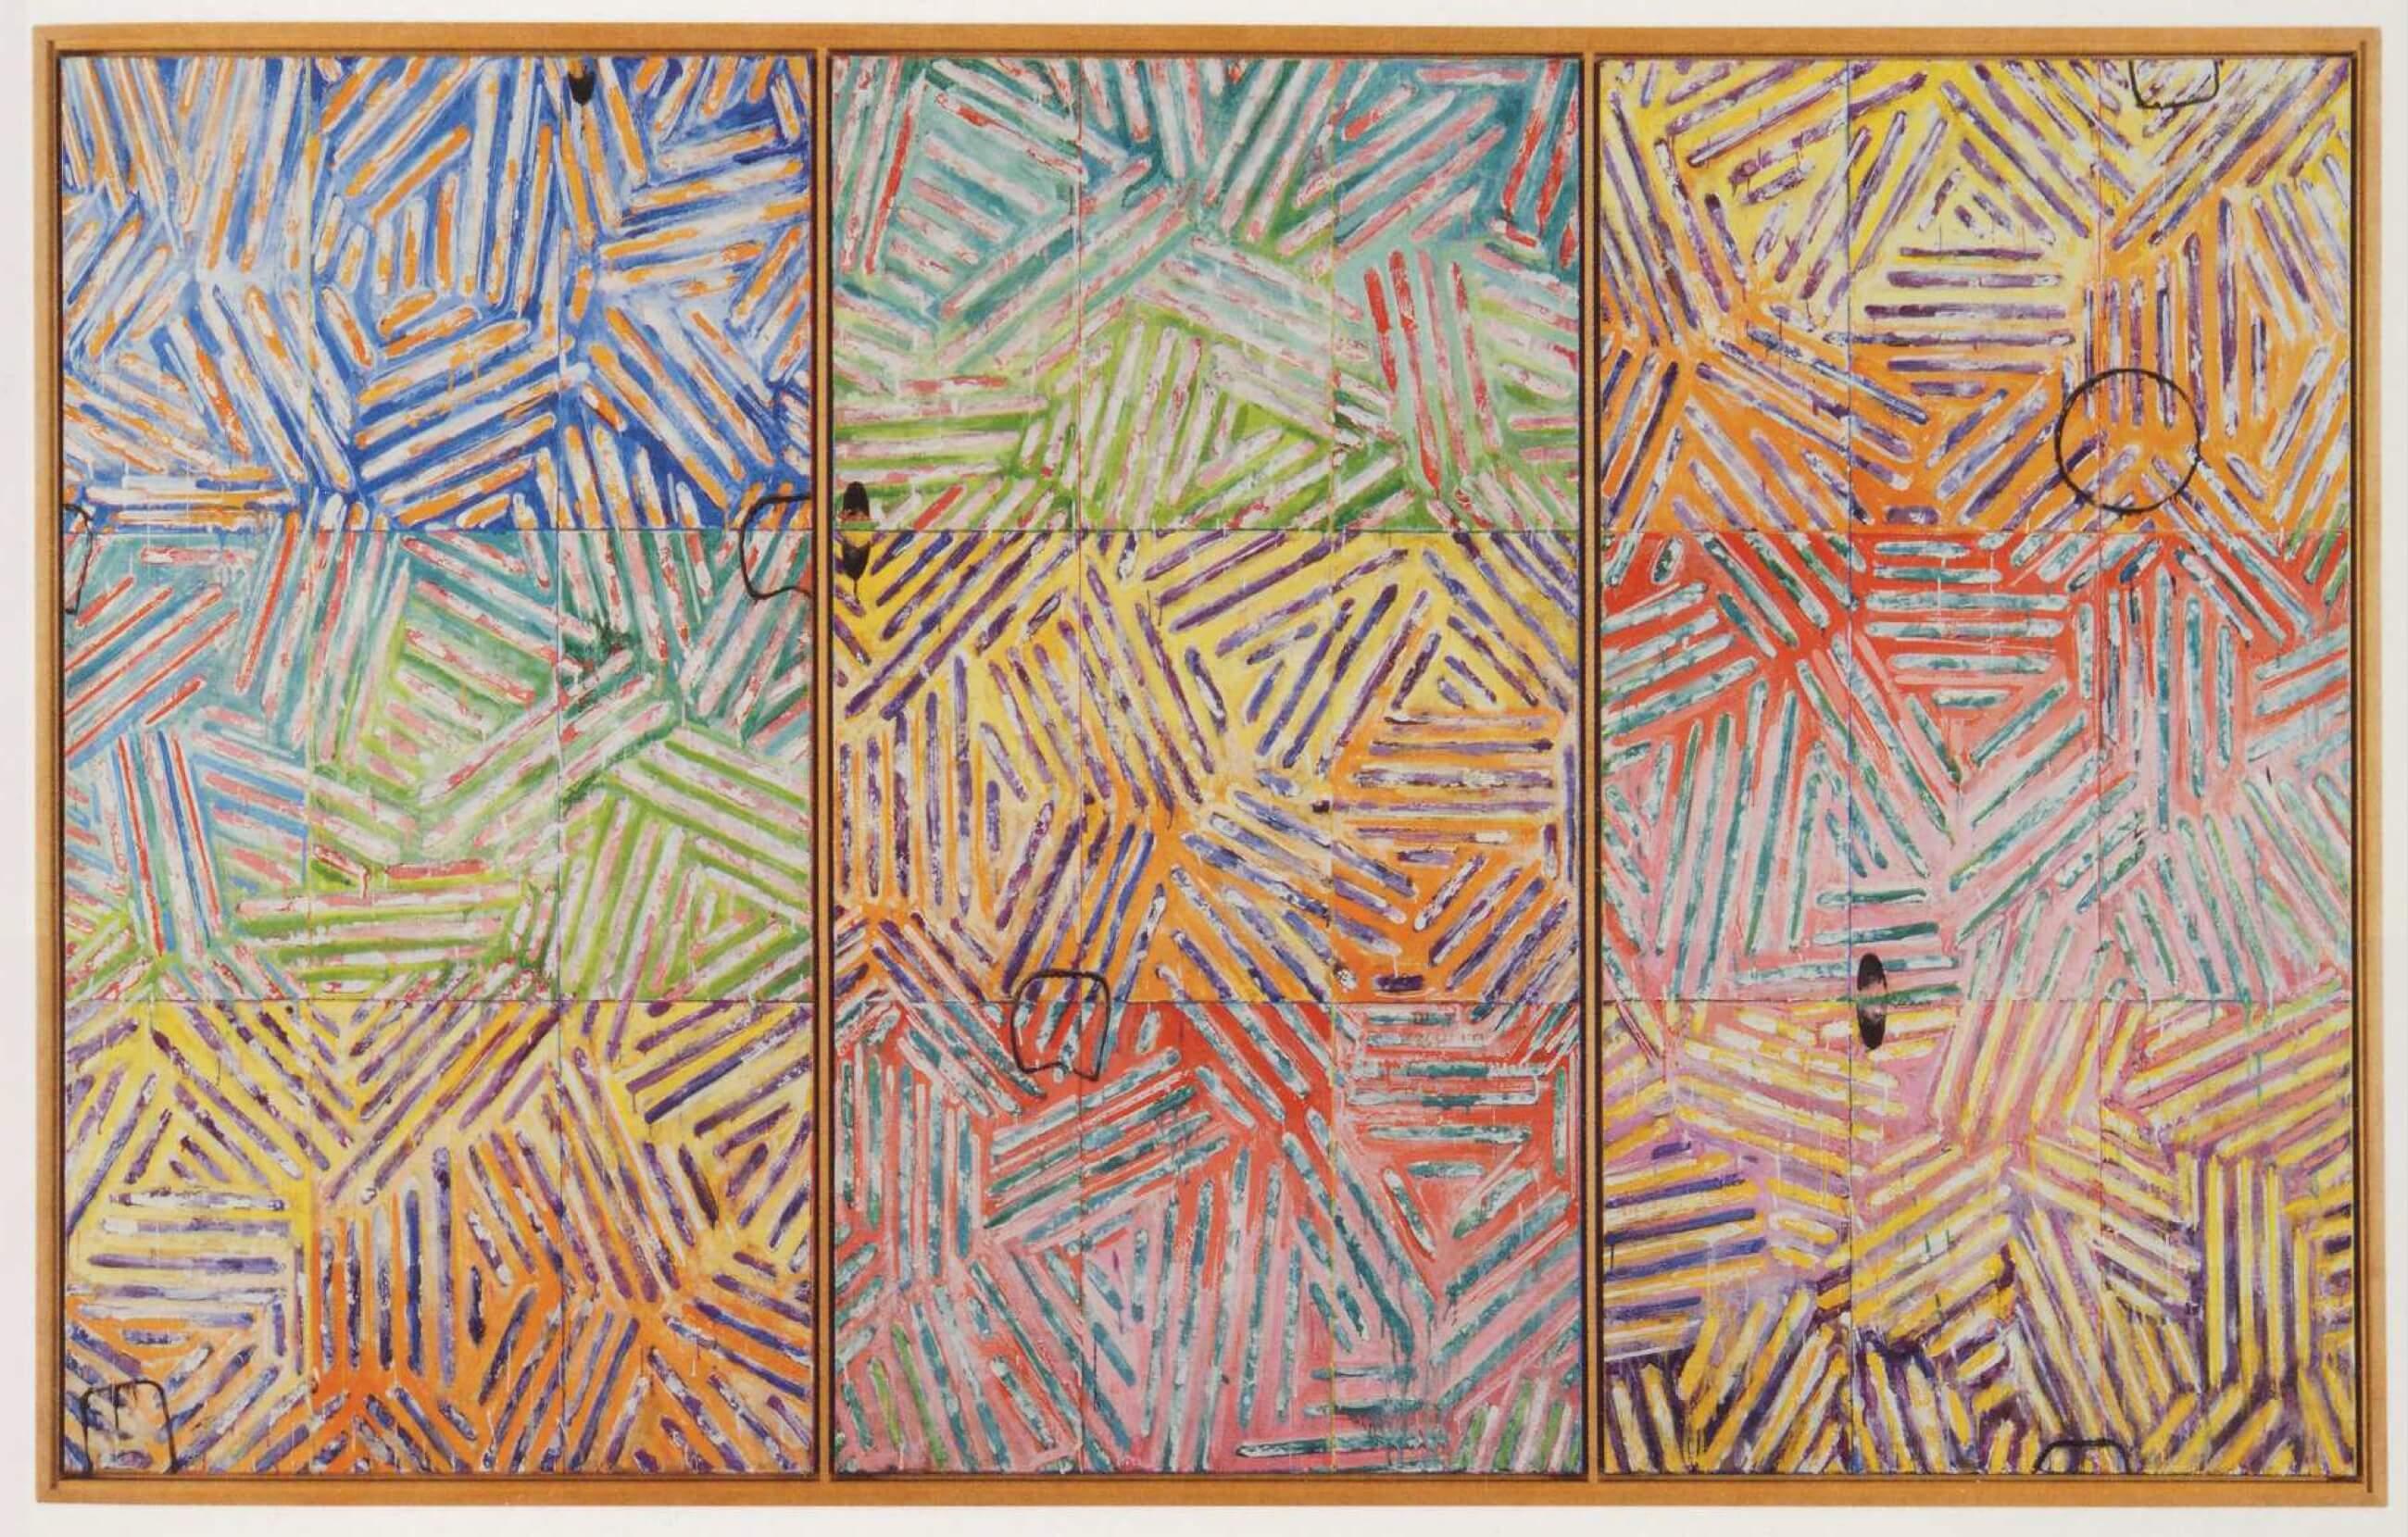 Usuyuki, 1982, by Jasper Johns